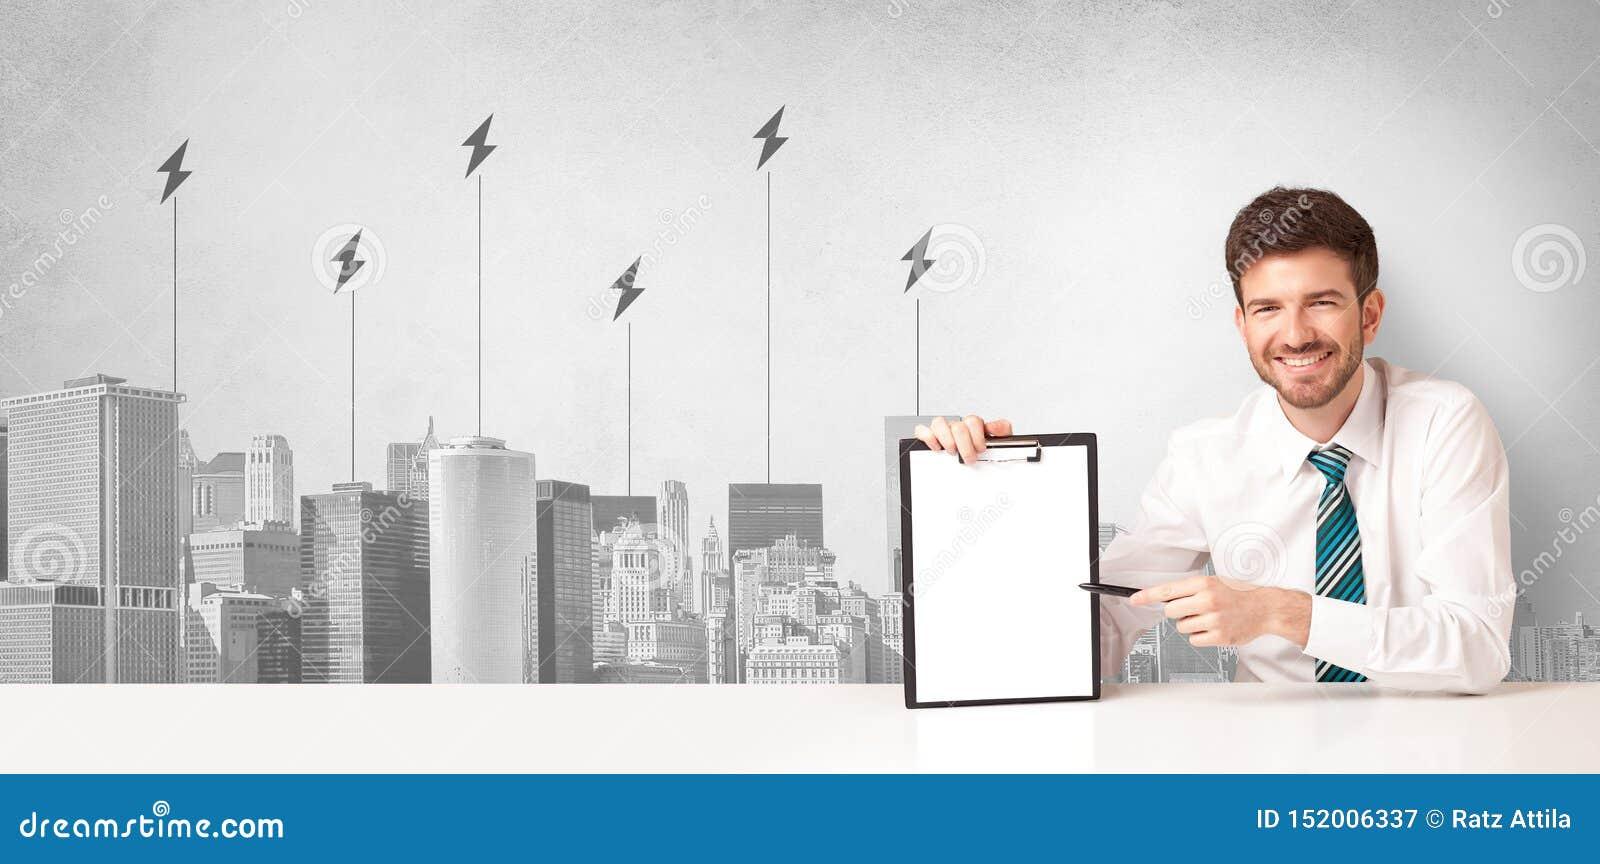 Αναγγέλλων που παρουσιάζει την κατανάλωση ενέργειας πόλεων